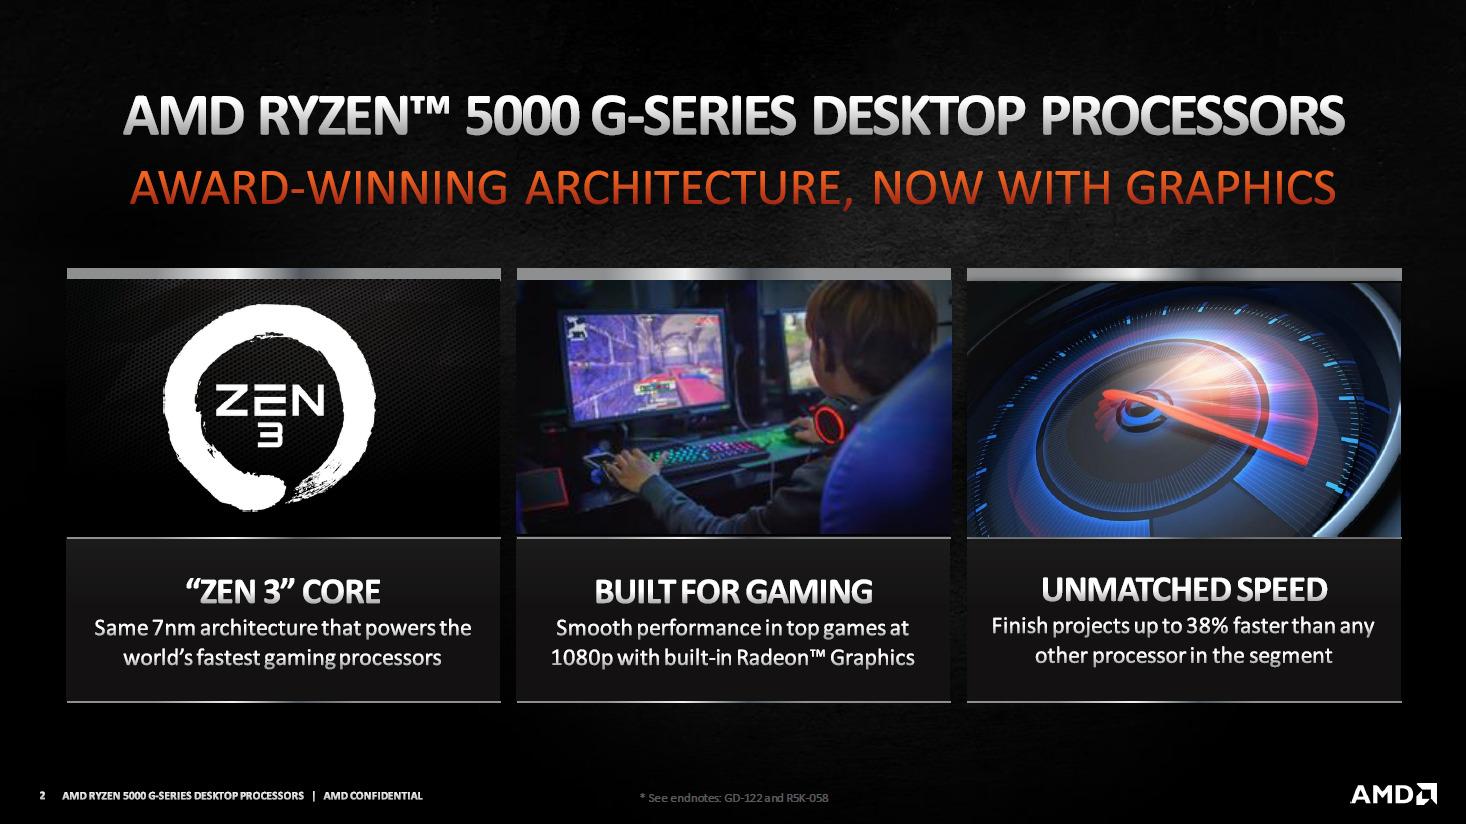 AMD Ryzen 5000G 1 - Zen 3